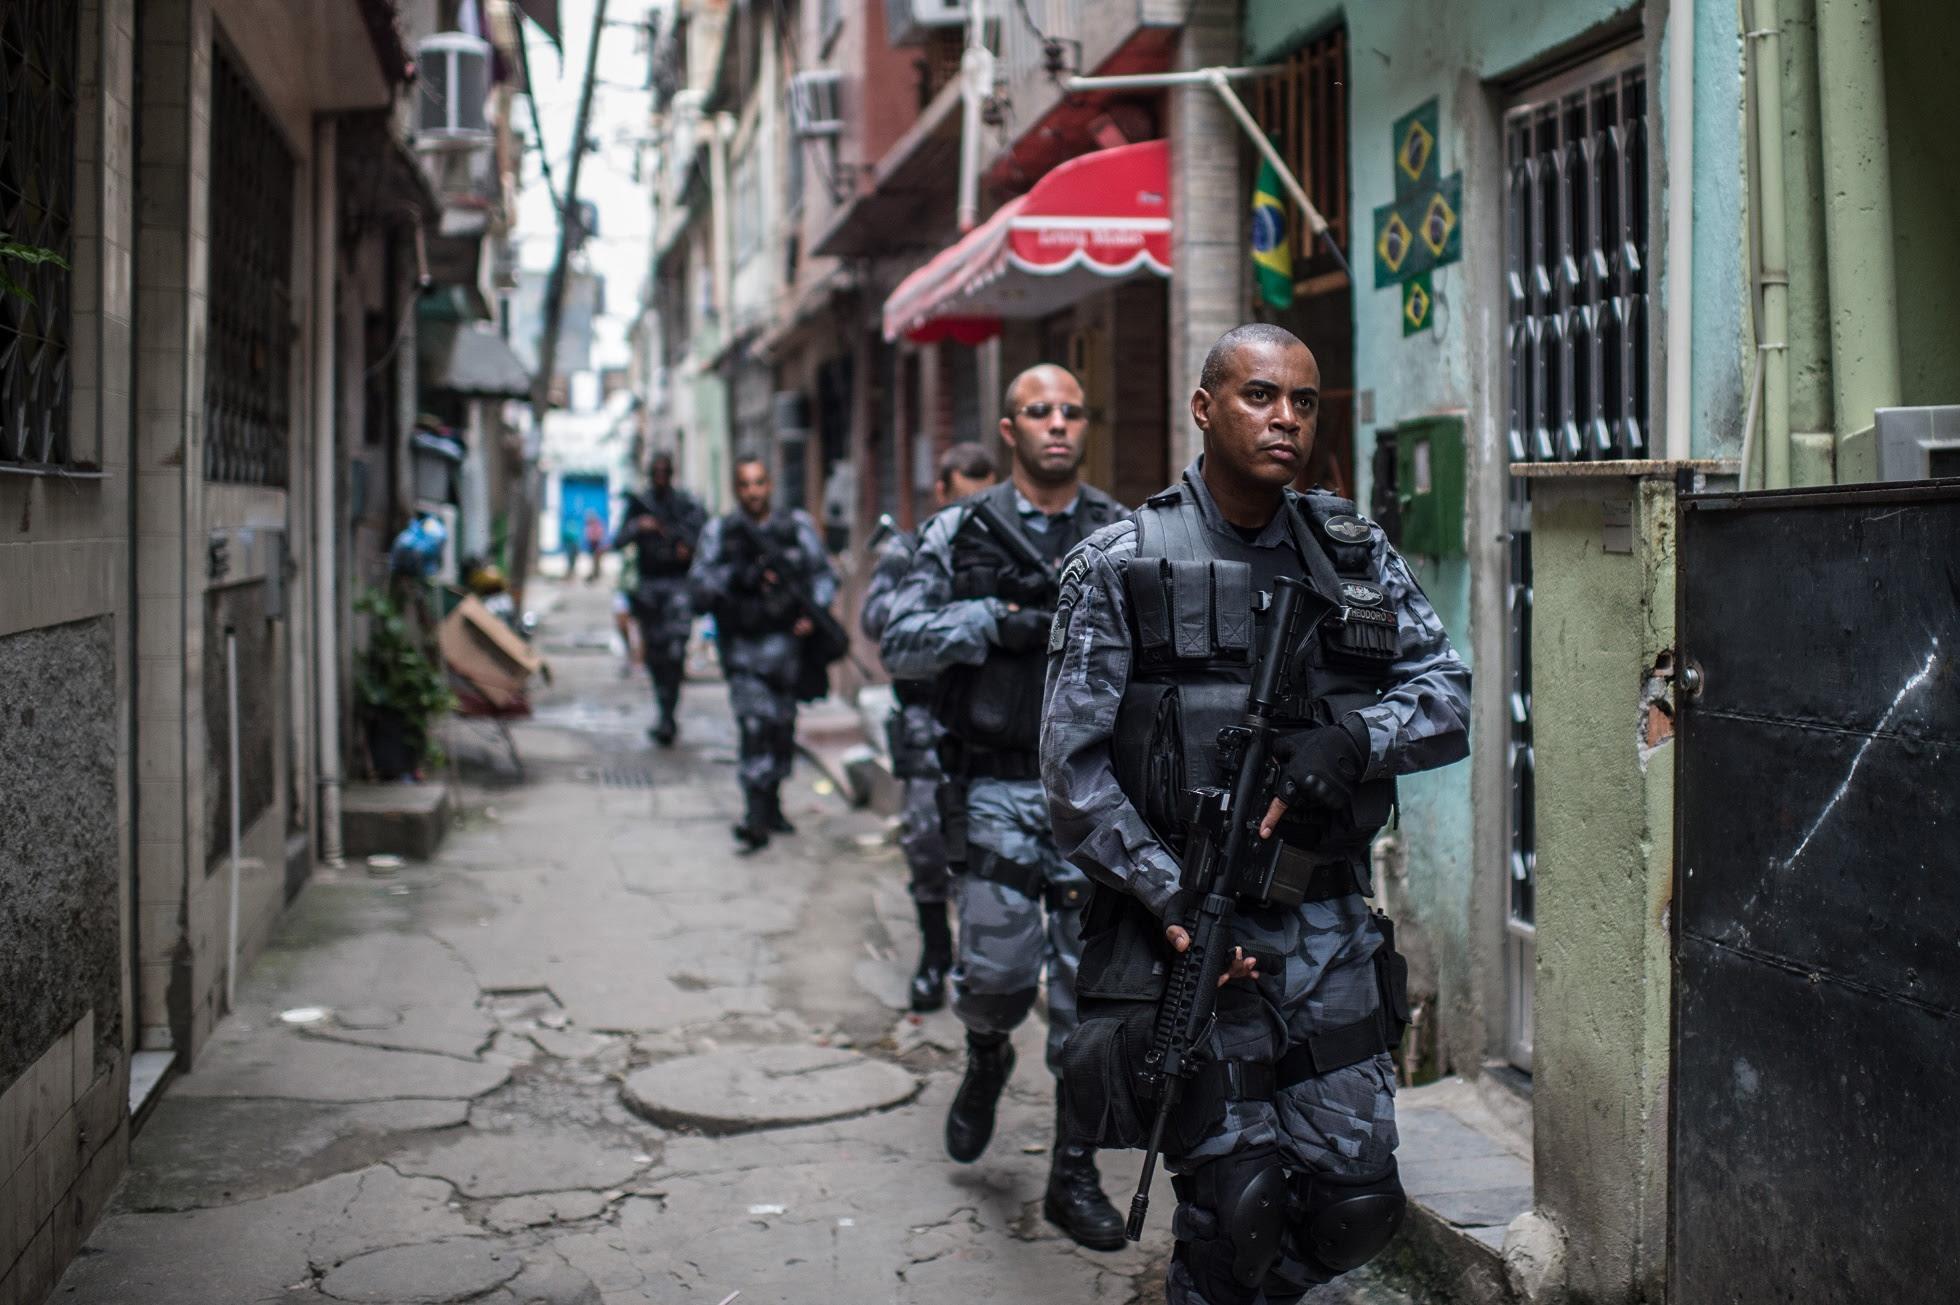 Operação da PM contra o tráfico de drogas na Favela Roquete Pinto, no Complexo da Maré